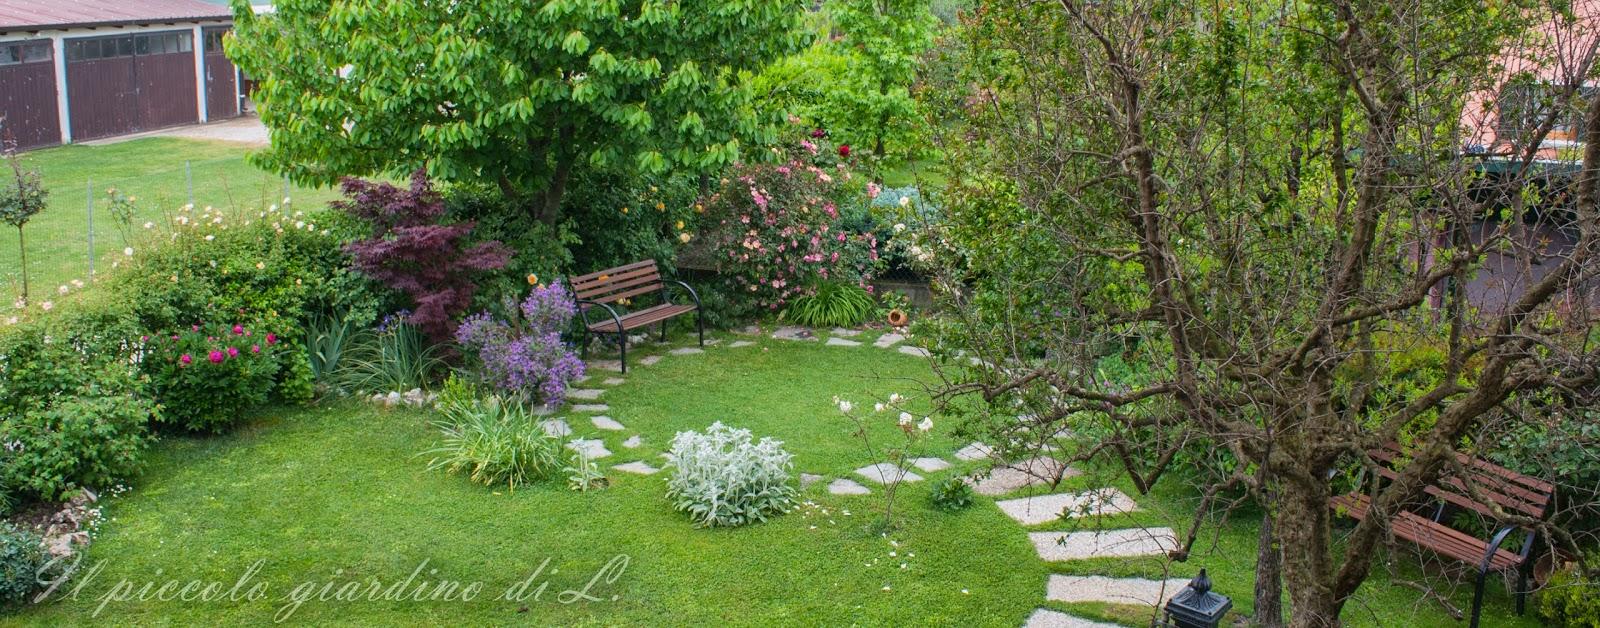 Il piccolo giardino di l una visione d 39 insieme del mio for Giardino piccolo